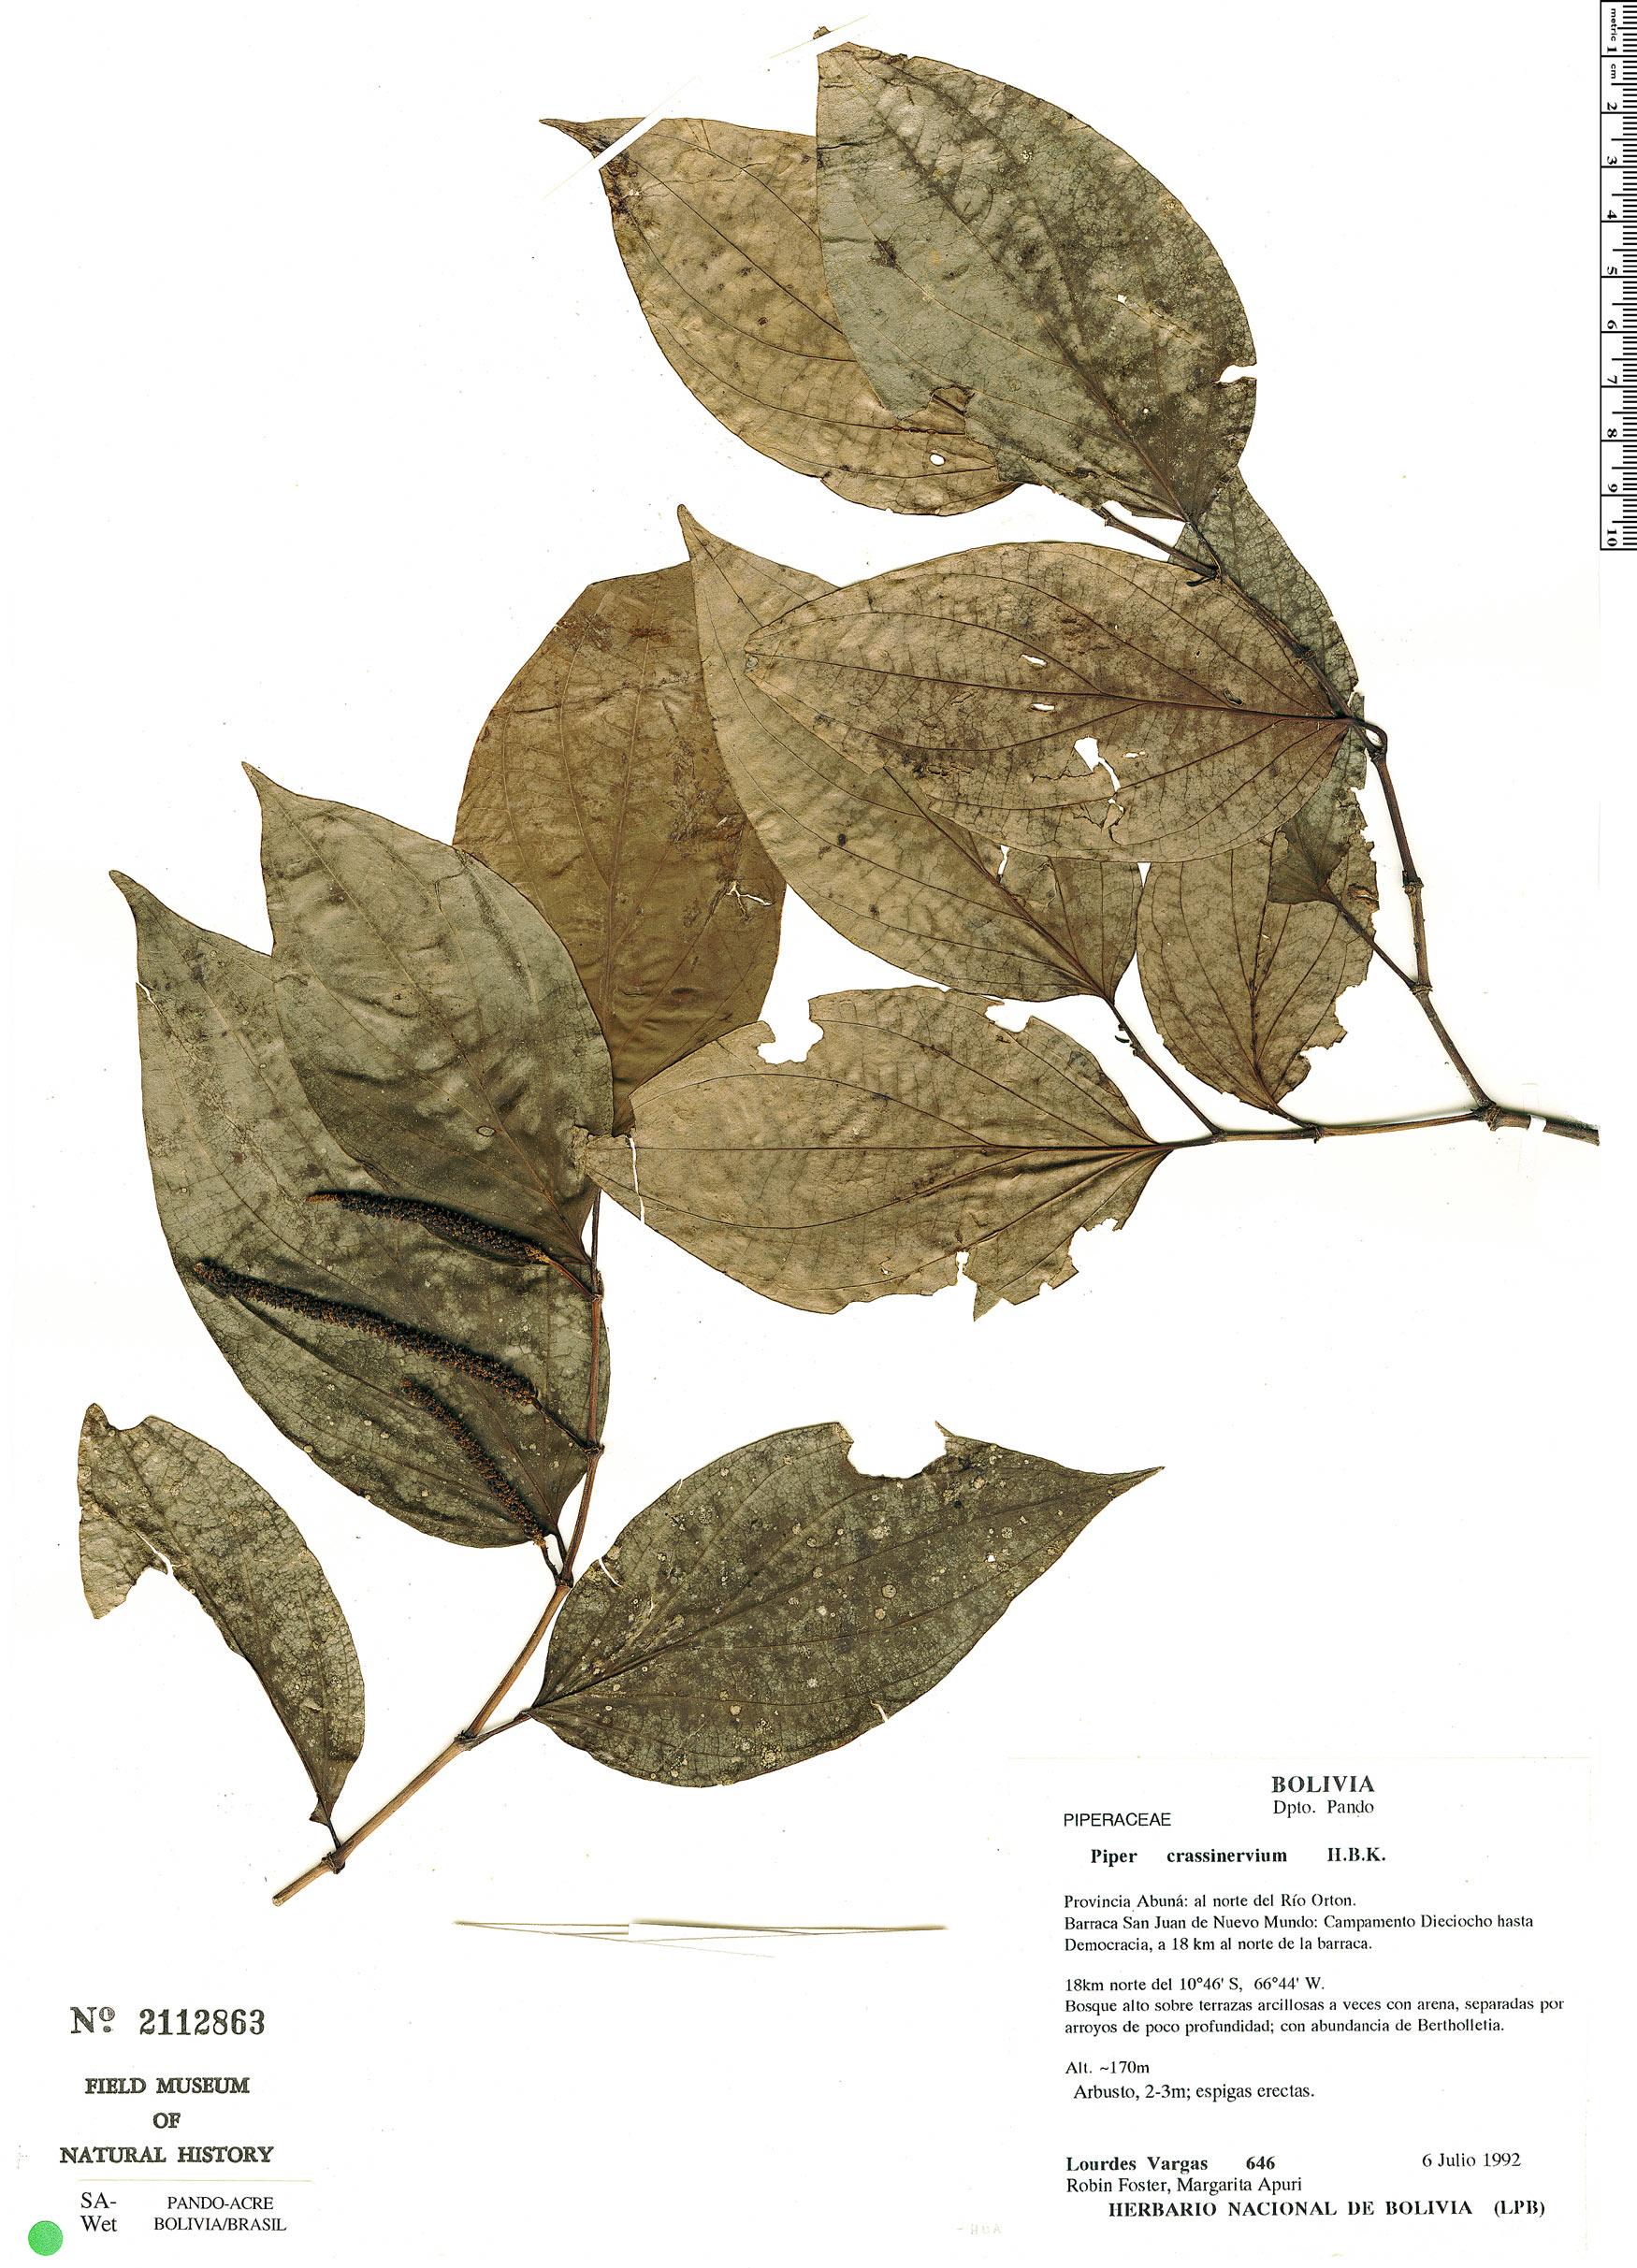 Espécimen: Piper crassinervium